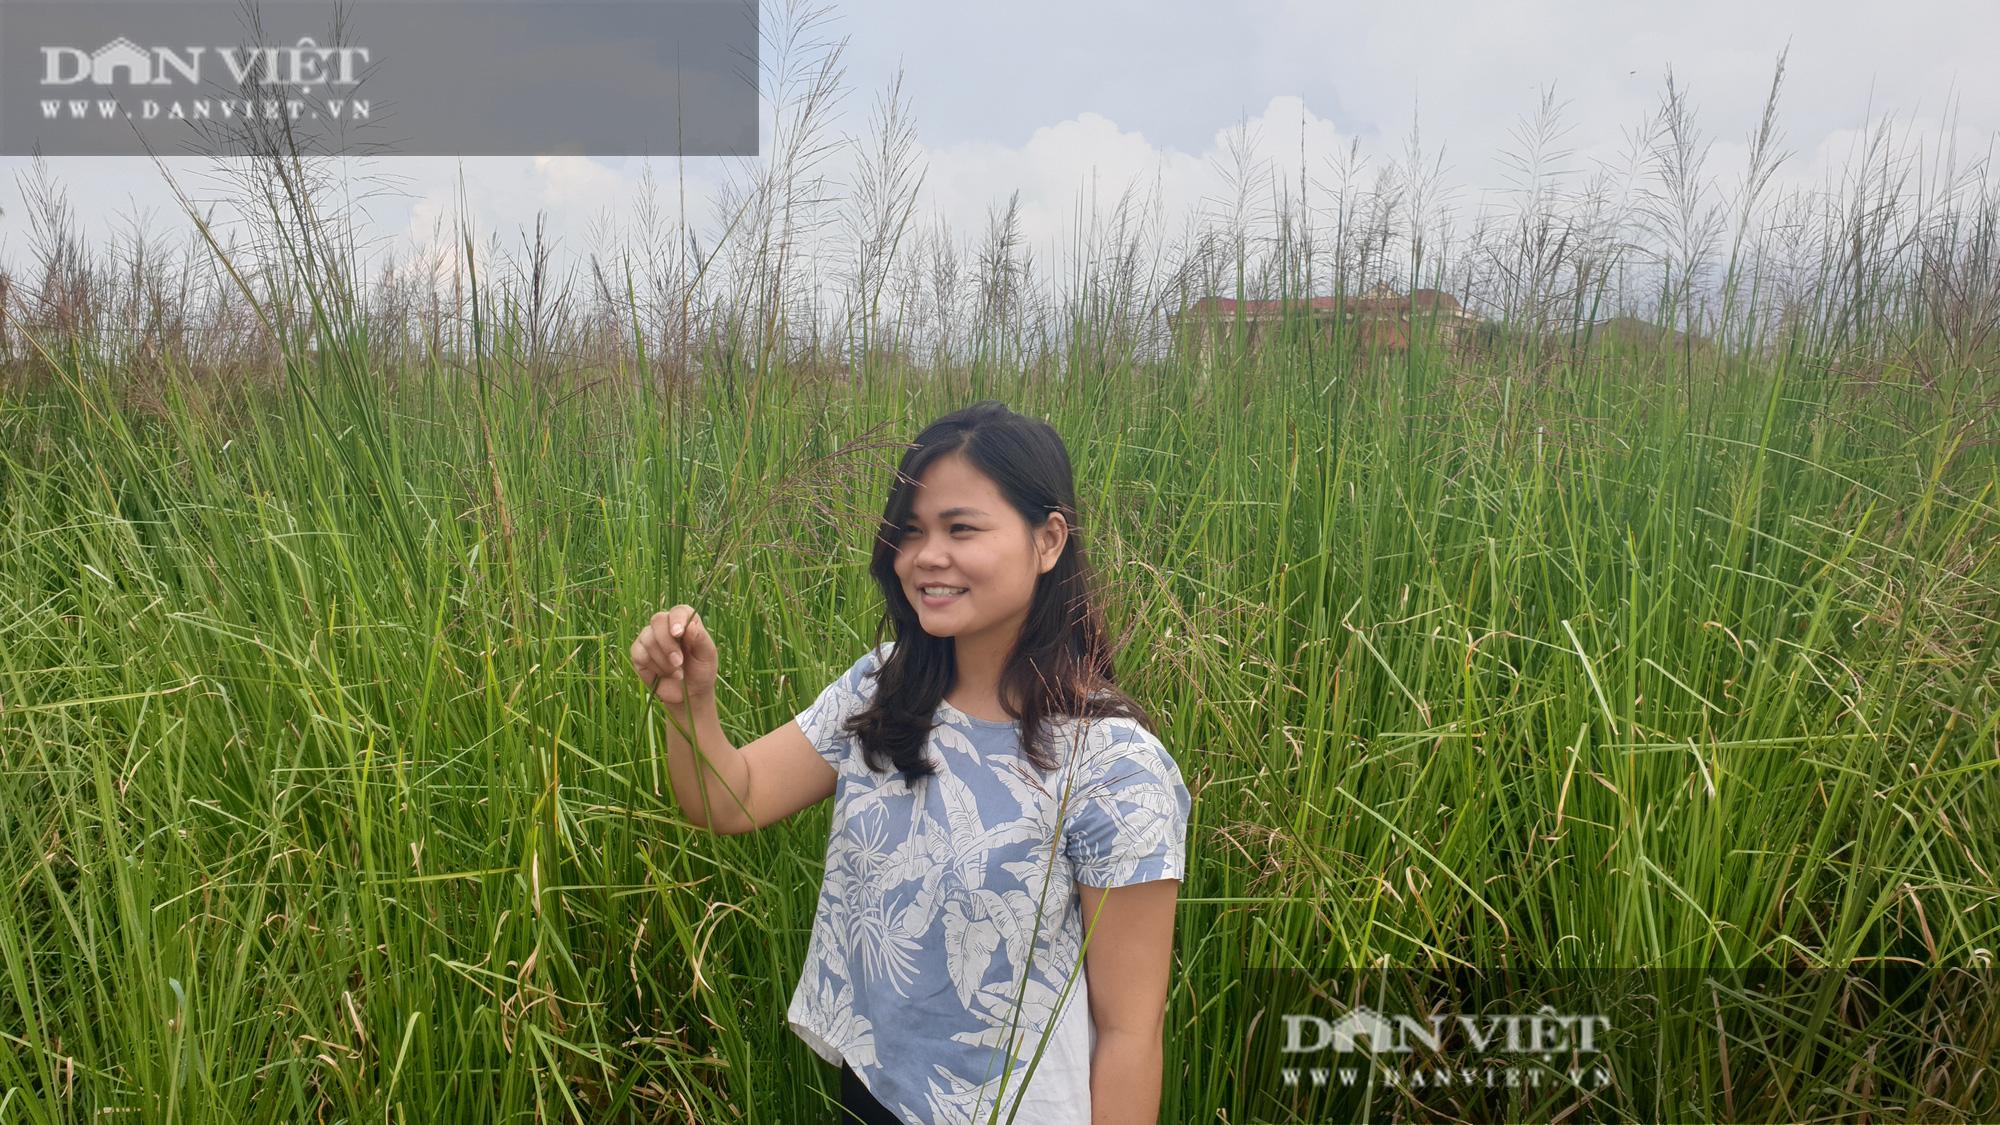 Ninh Bình: Bỏ việc lương cao về quê trồng loại cỏ lạ, cô gái 9x có thu nhập khủng - Ảnh 1.